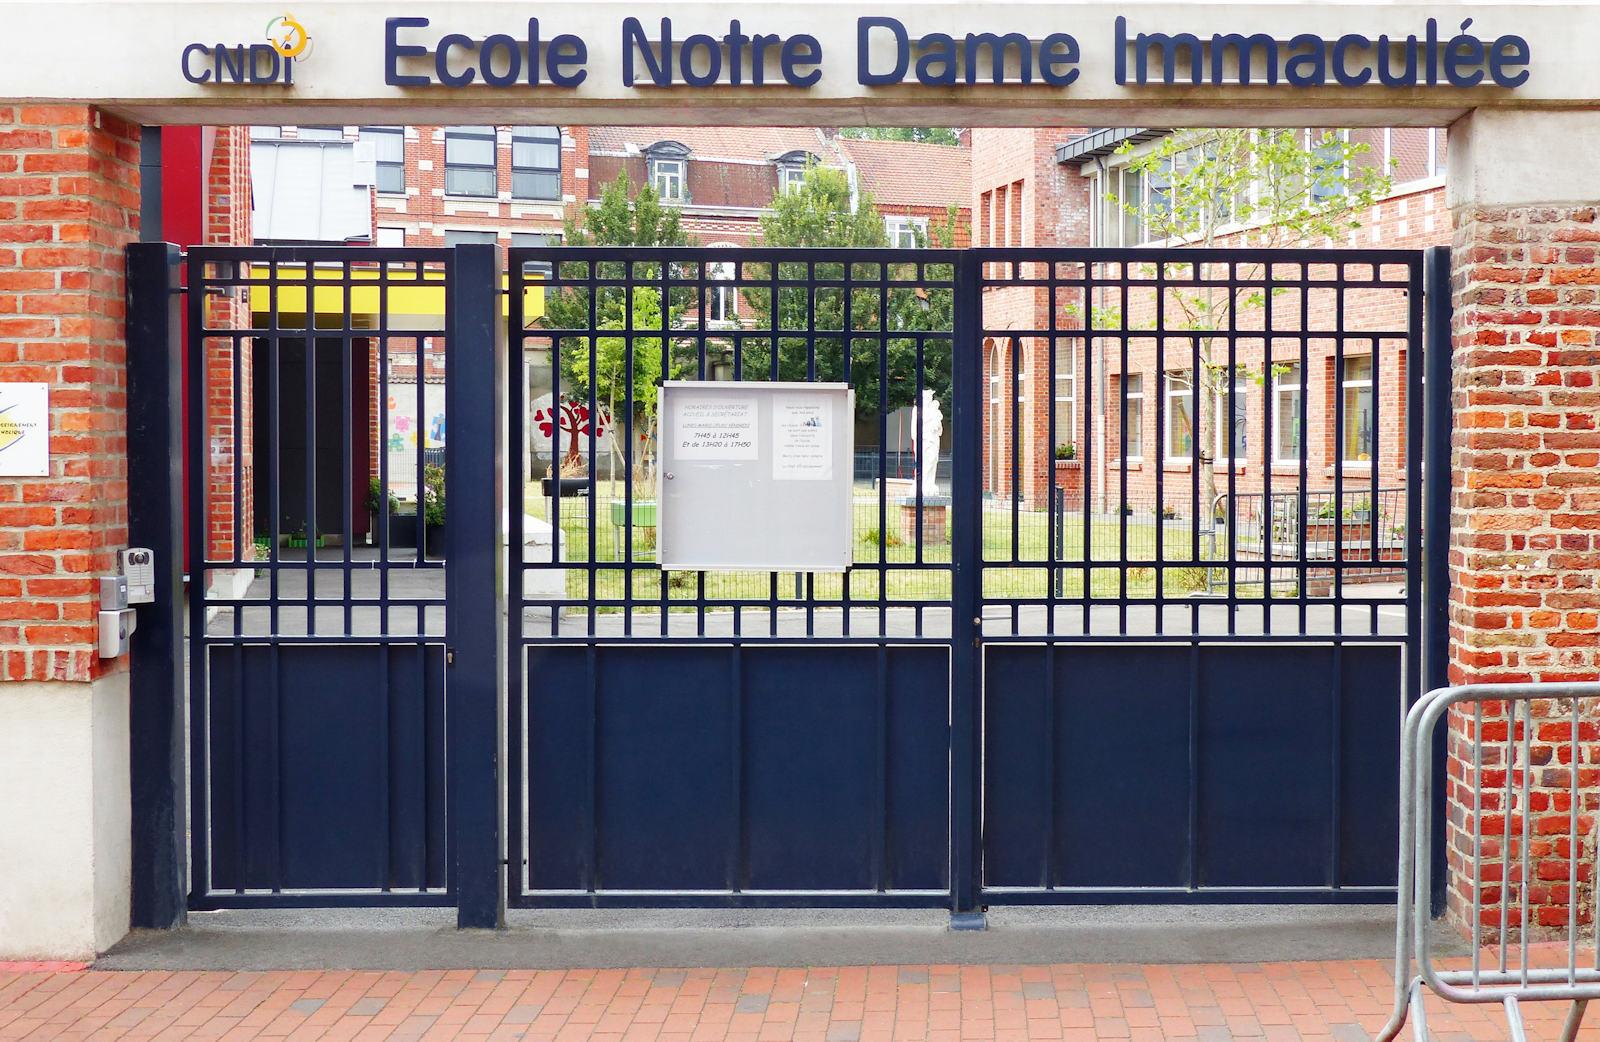 École primaire CNDI, Tourcoing - Grille d'entrée